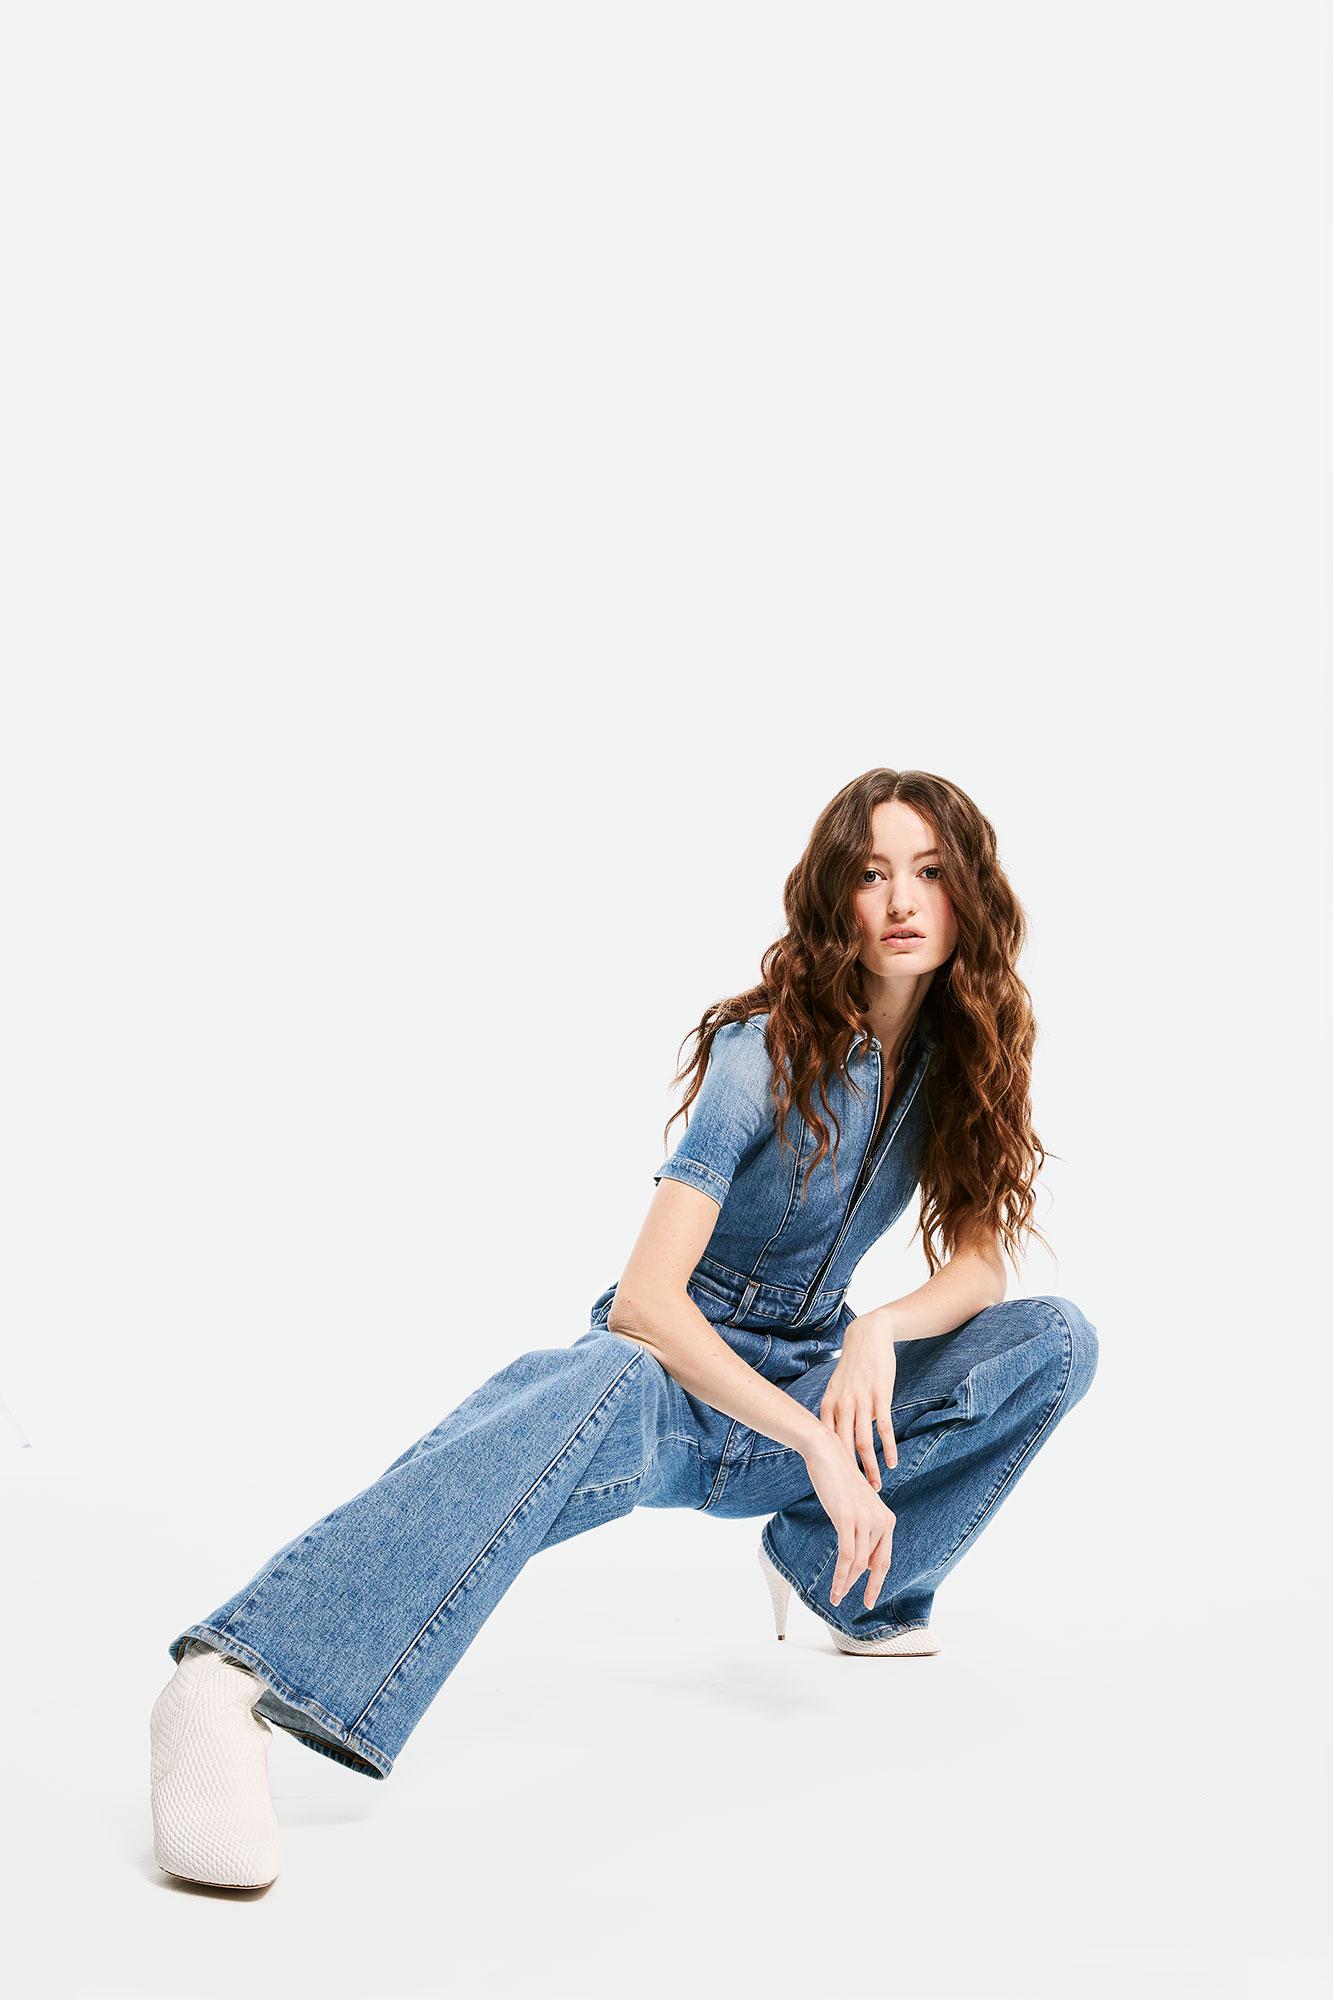 alice+olivia-jeans-spring-010.jpg